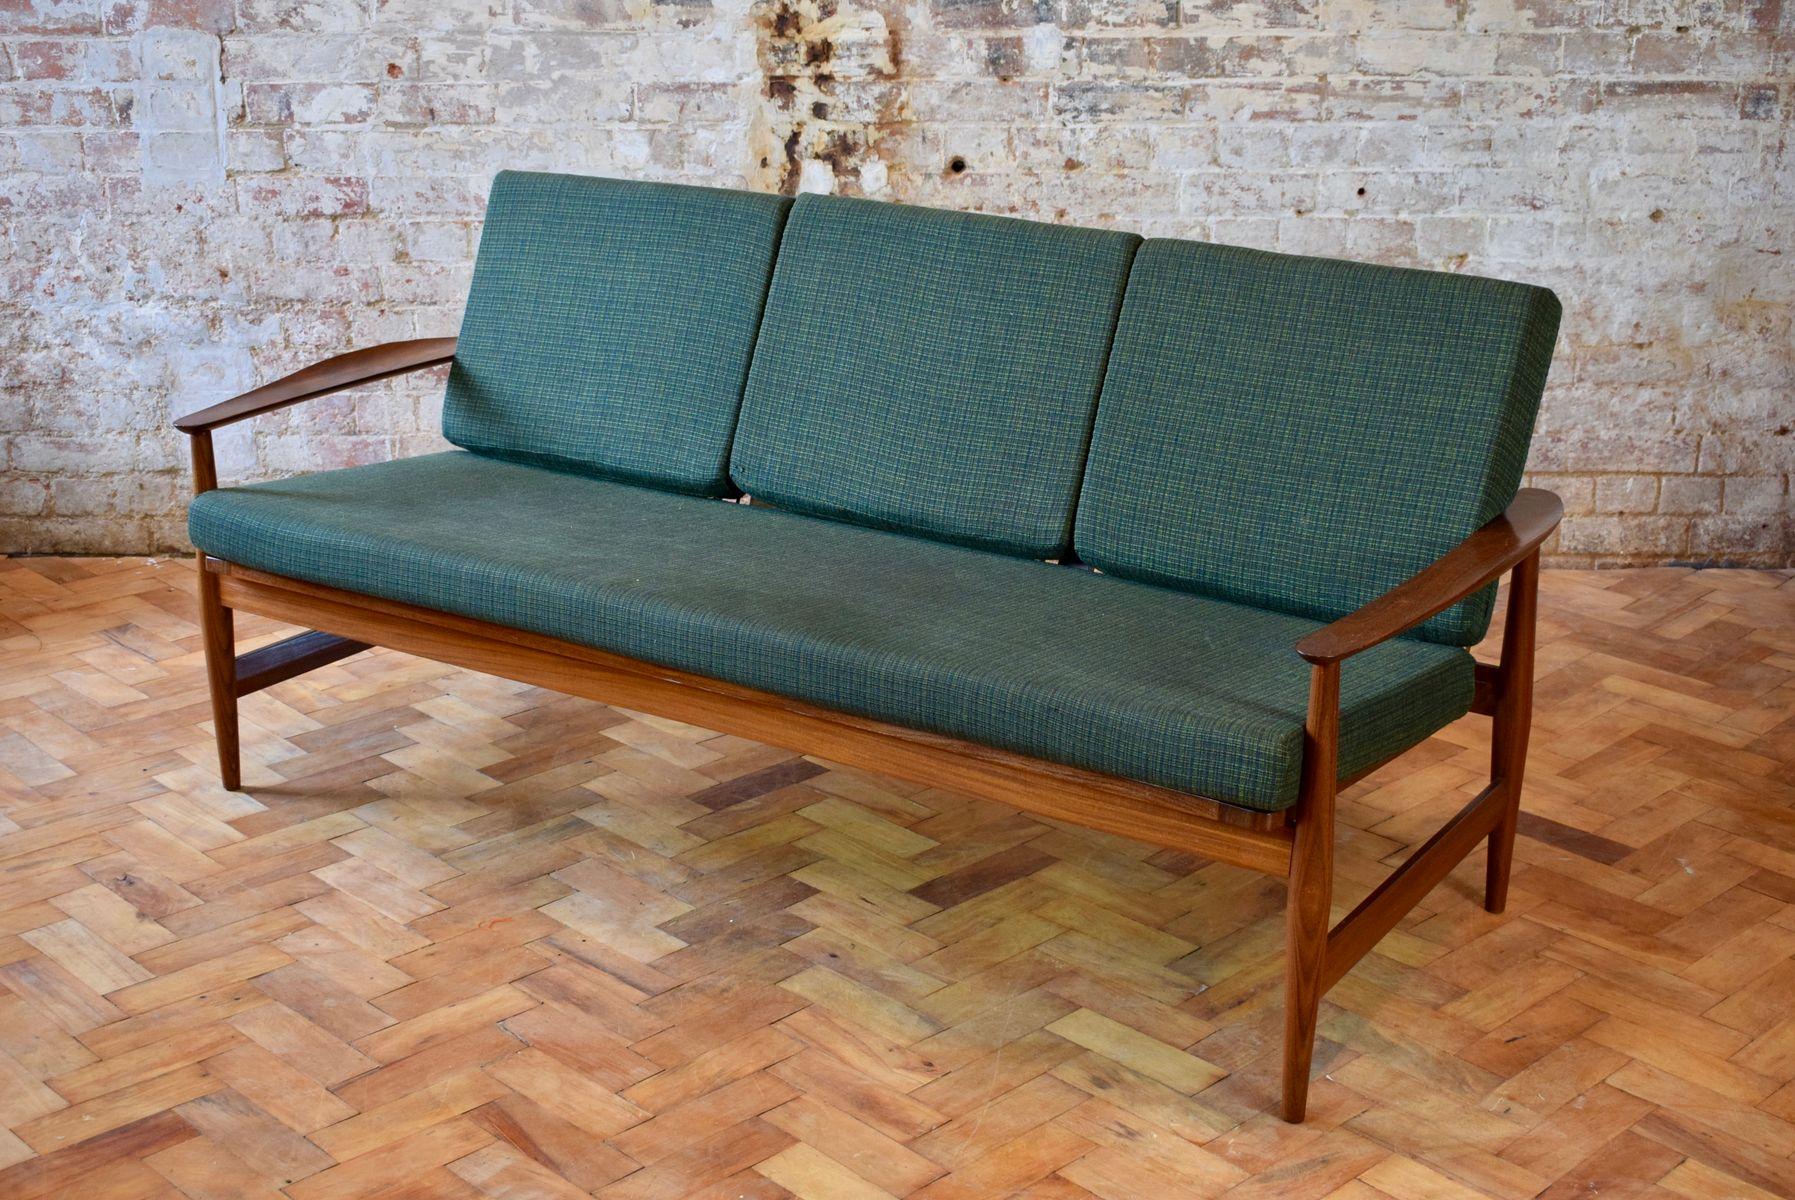 Dänisches Mid-Century 3-Sitzer Sofa mit Teak Rahmen